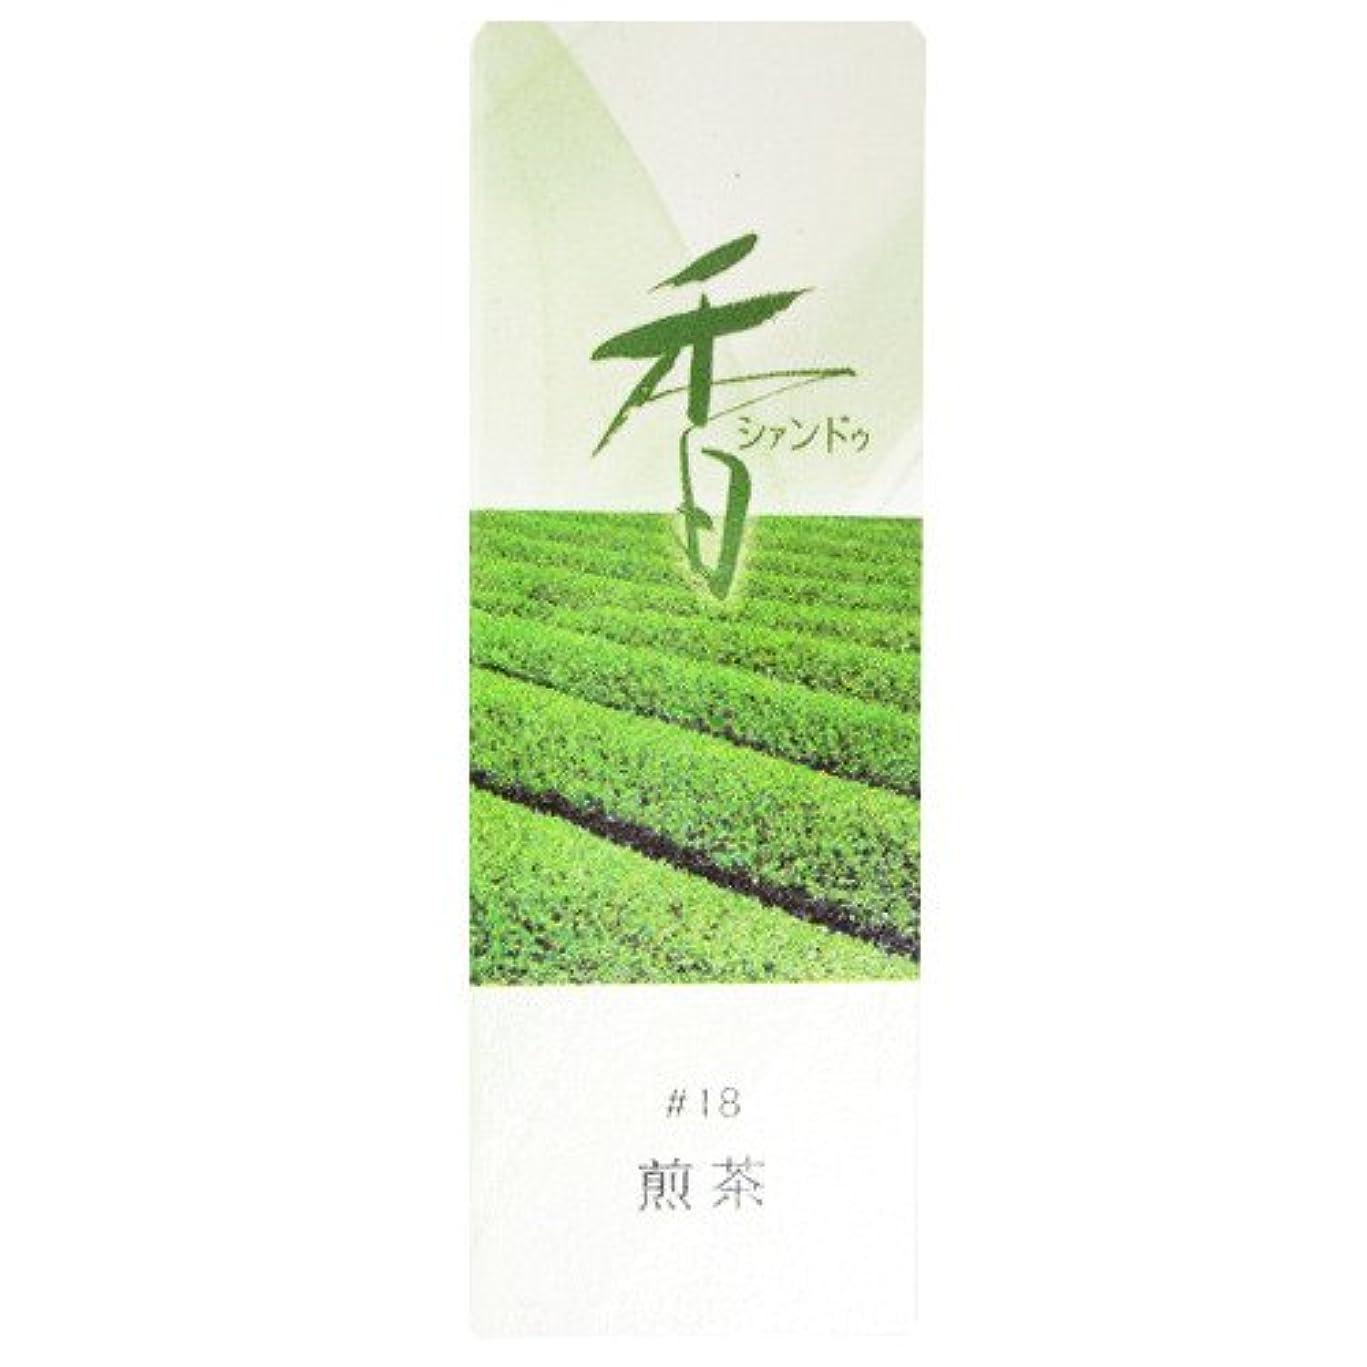 むき出し一月医療過誤松栄堂のお香 Xiang Do(シャンドゥ) 煎茶 ST20本入 簡易香立付 #214218